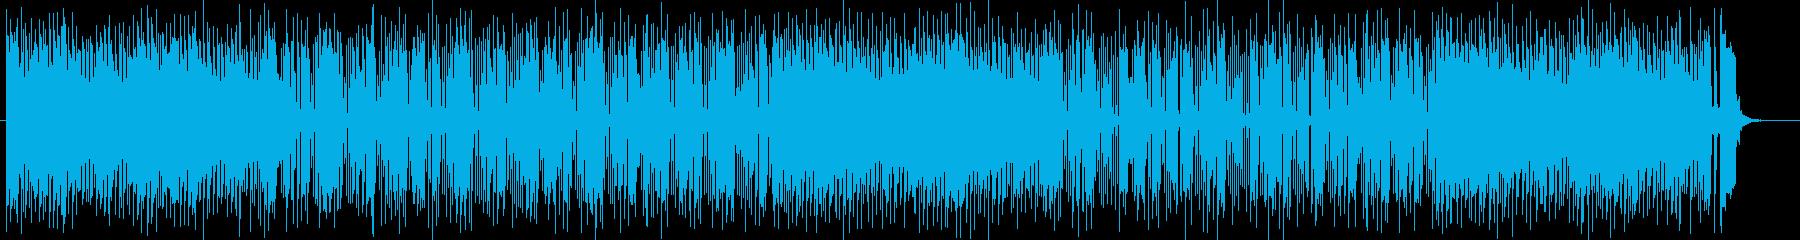 清涼感ある爽やかなスローテンポの曲の再生済みの波形